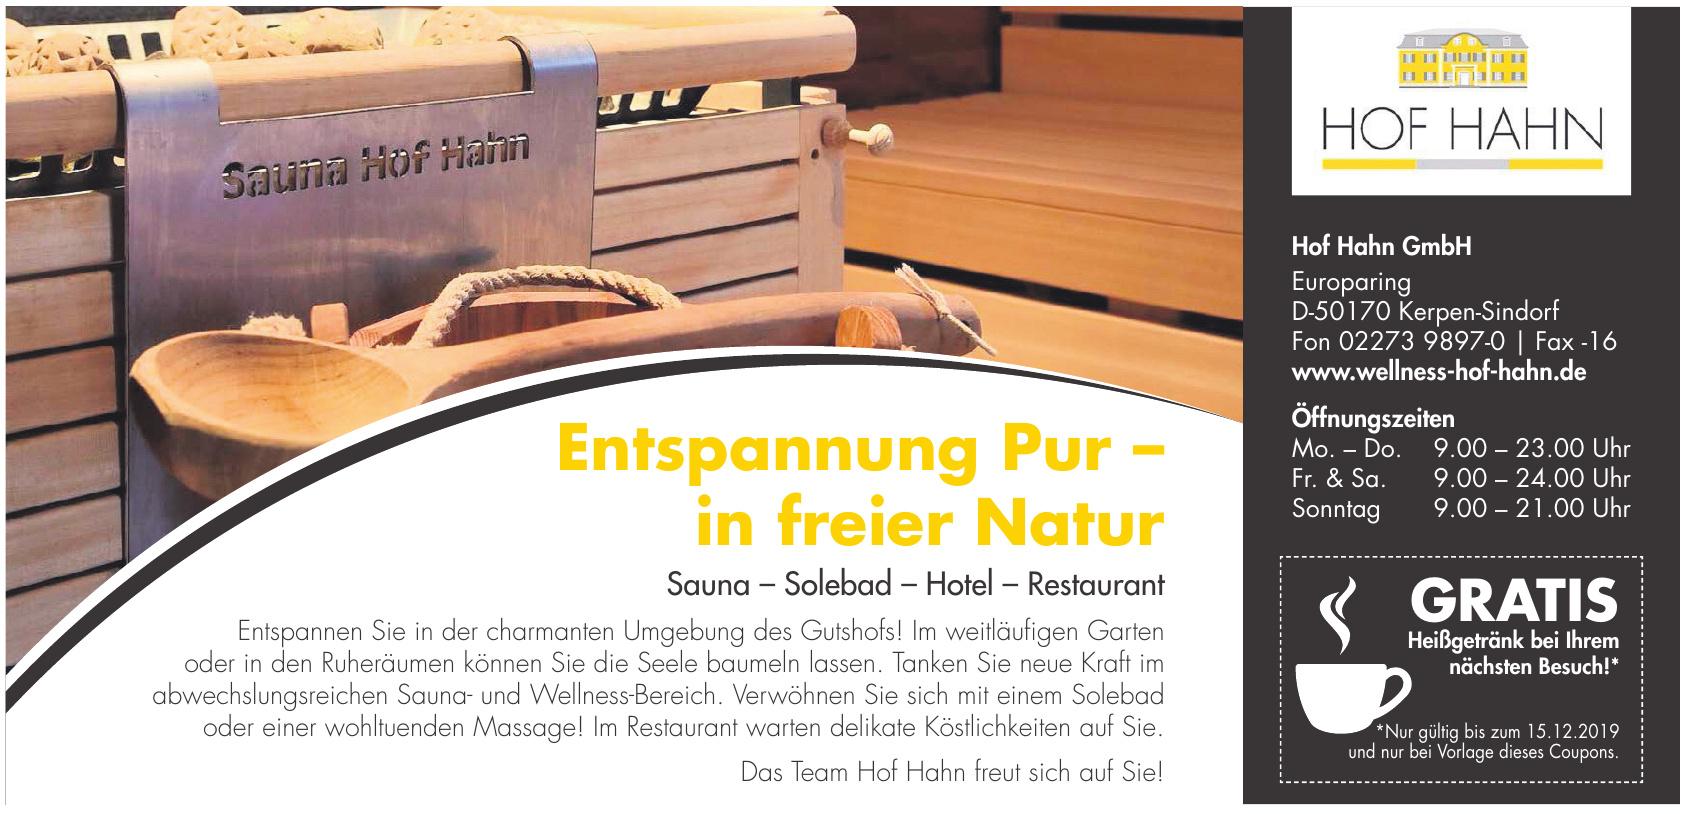 Hof Hahn GmbH